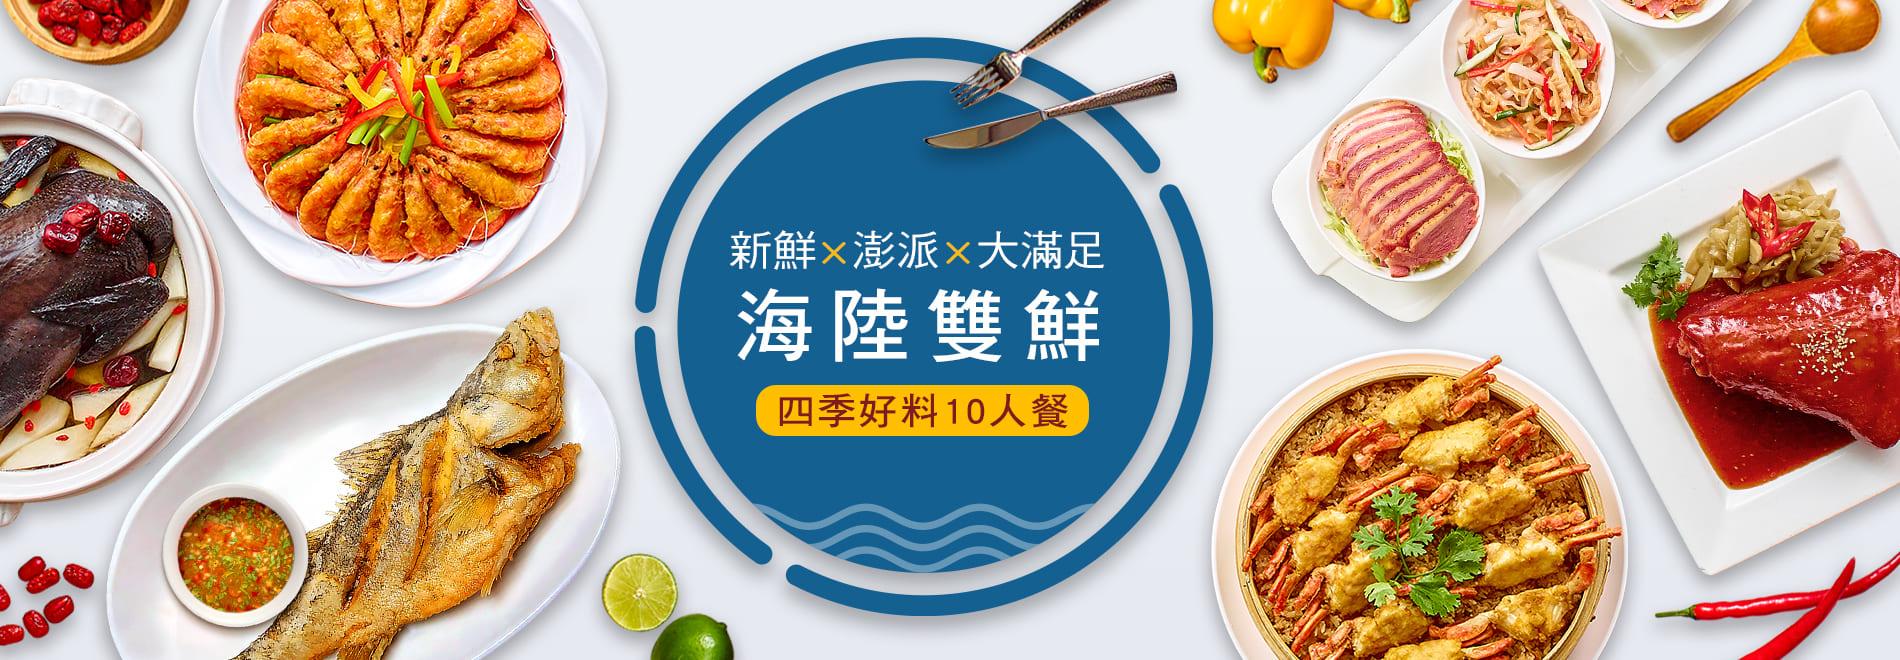 海陸雙鮮-四季好料 (10人)